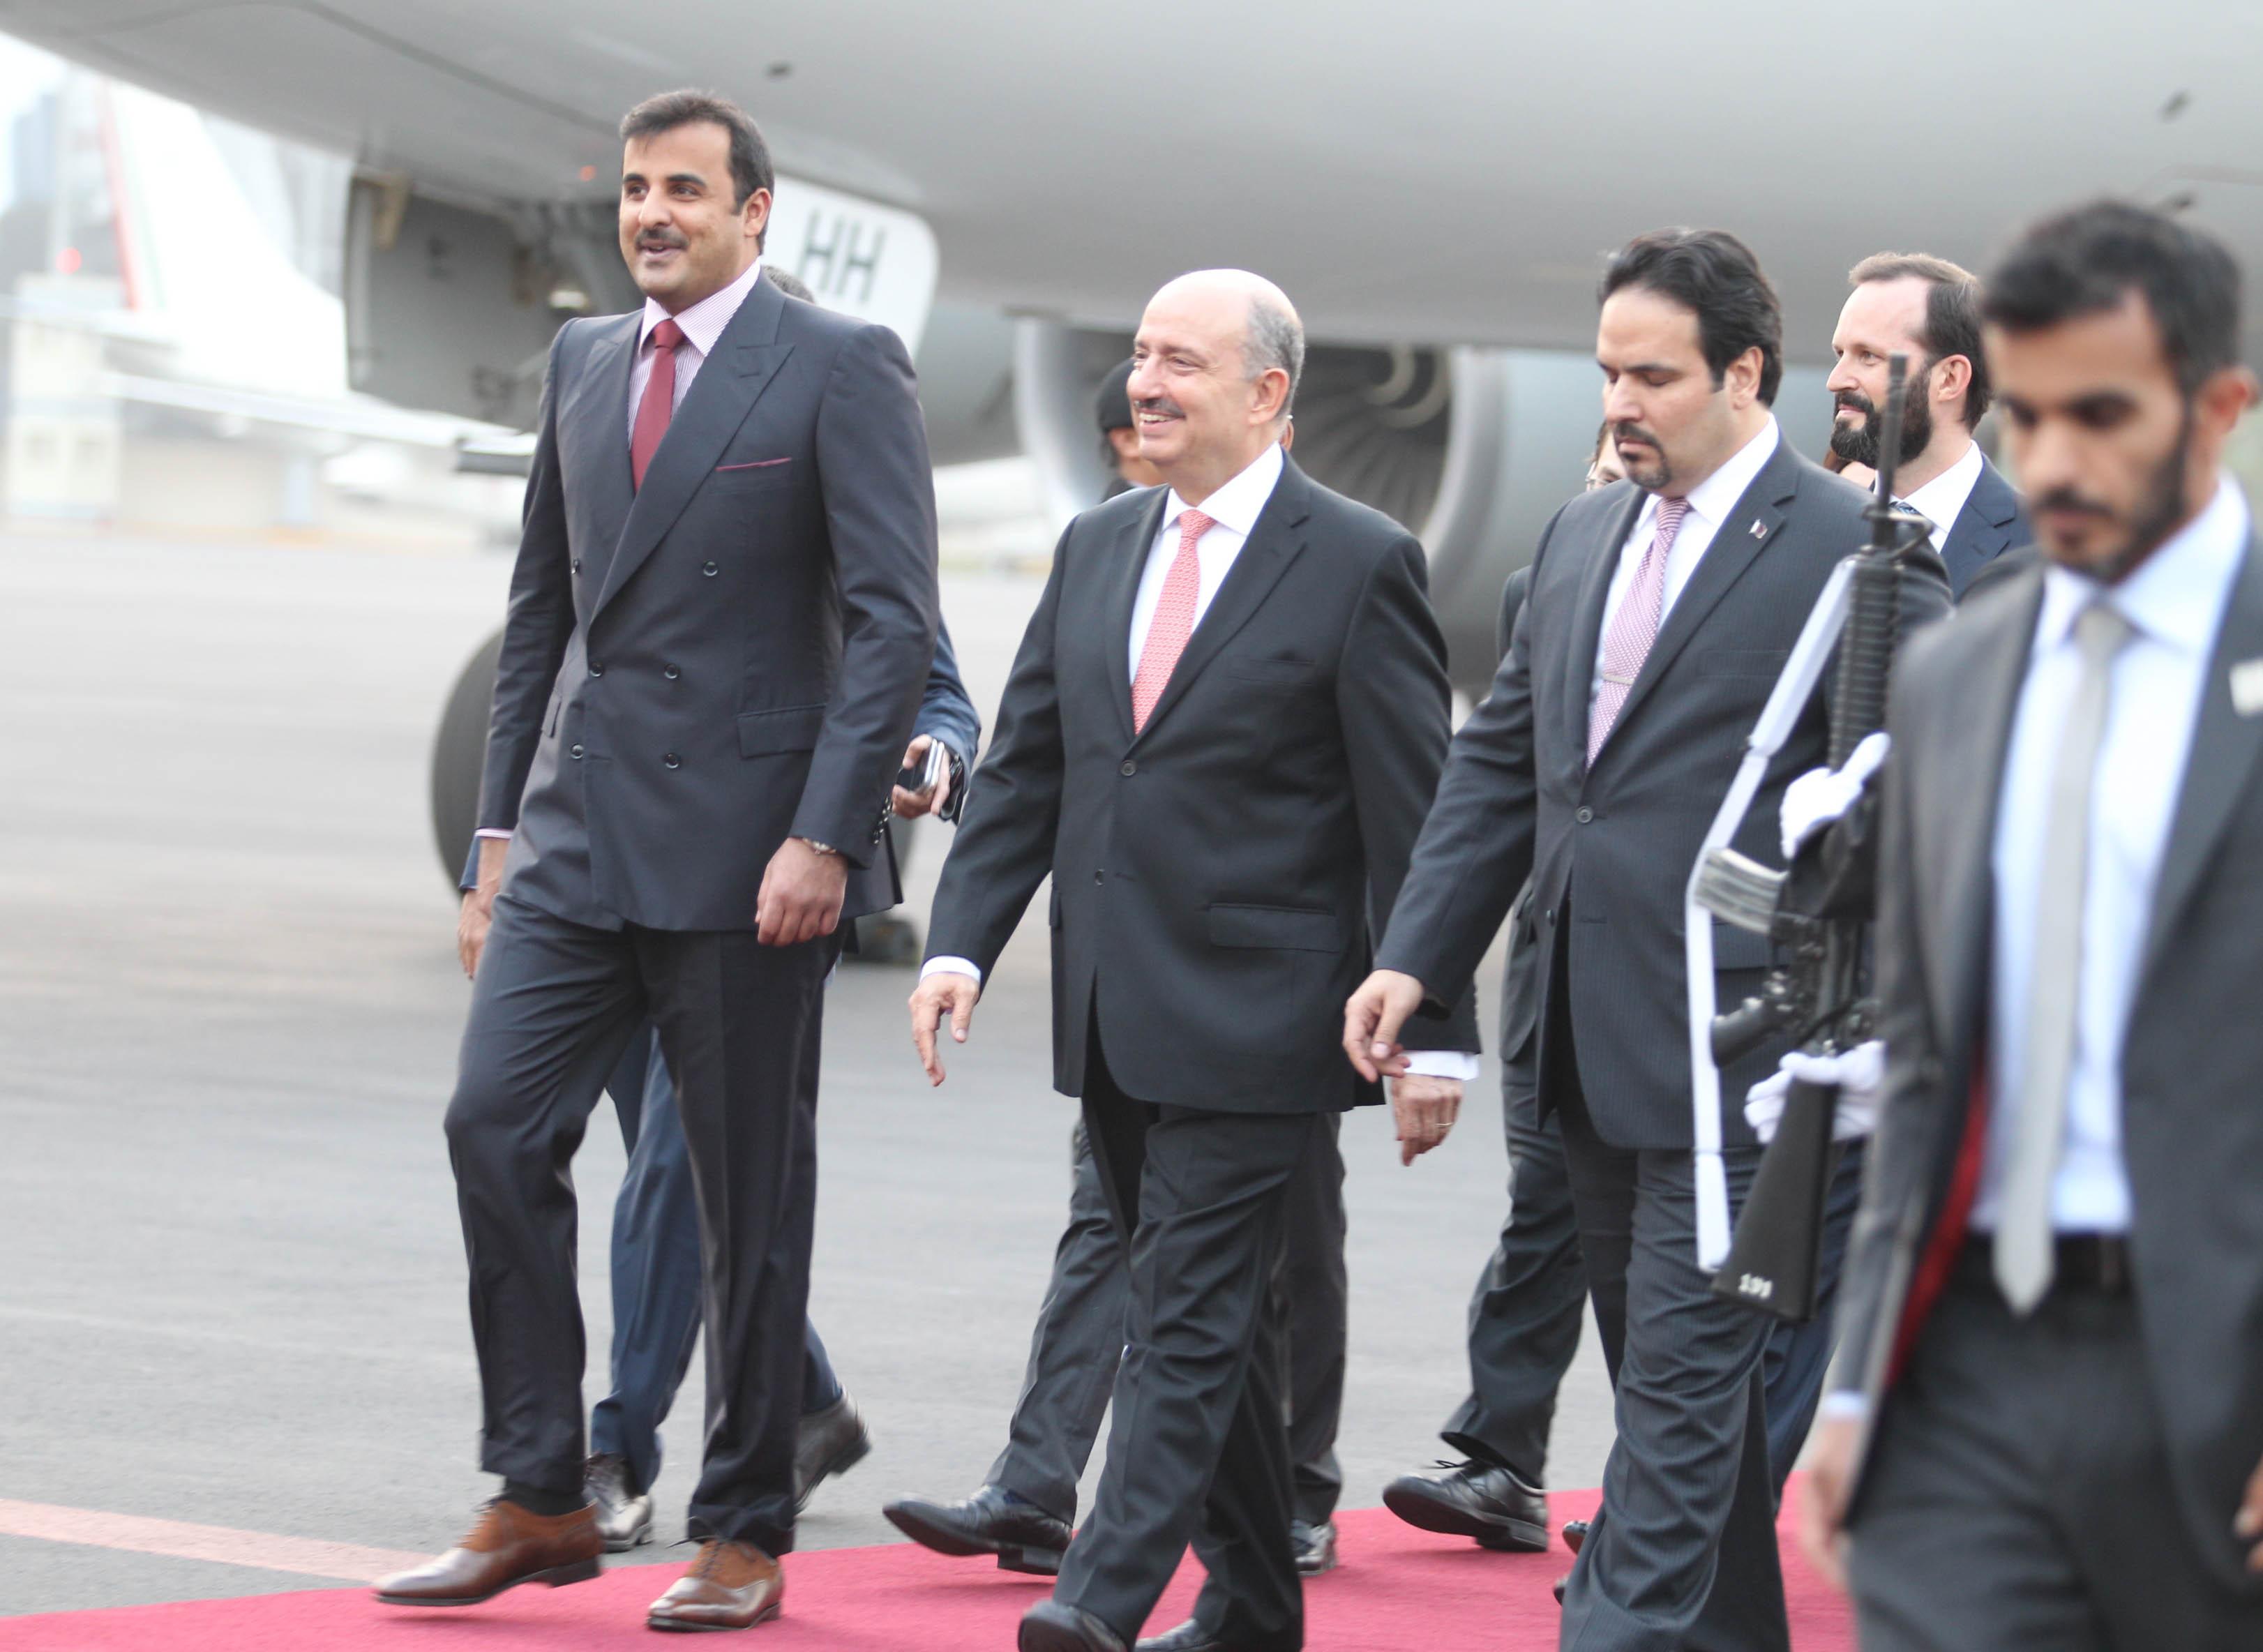 FOTO 2 Su Alteza  el Emir de Qatar  Jeque Tamim bin Hamad Al Thani   fue recibido por el Embajador Carlos de Icaza.jpg